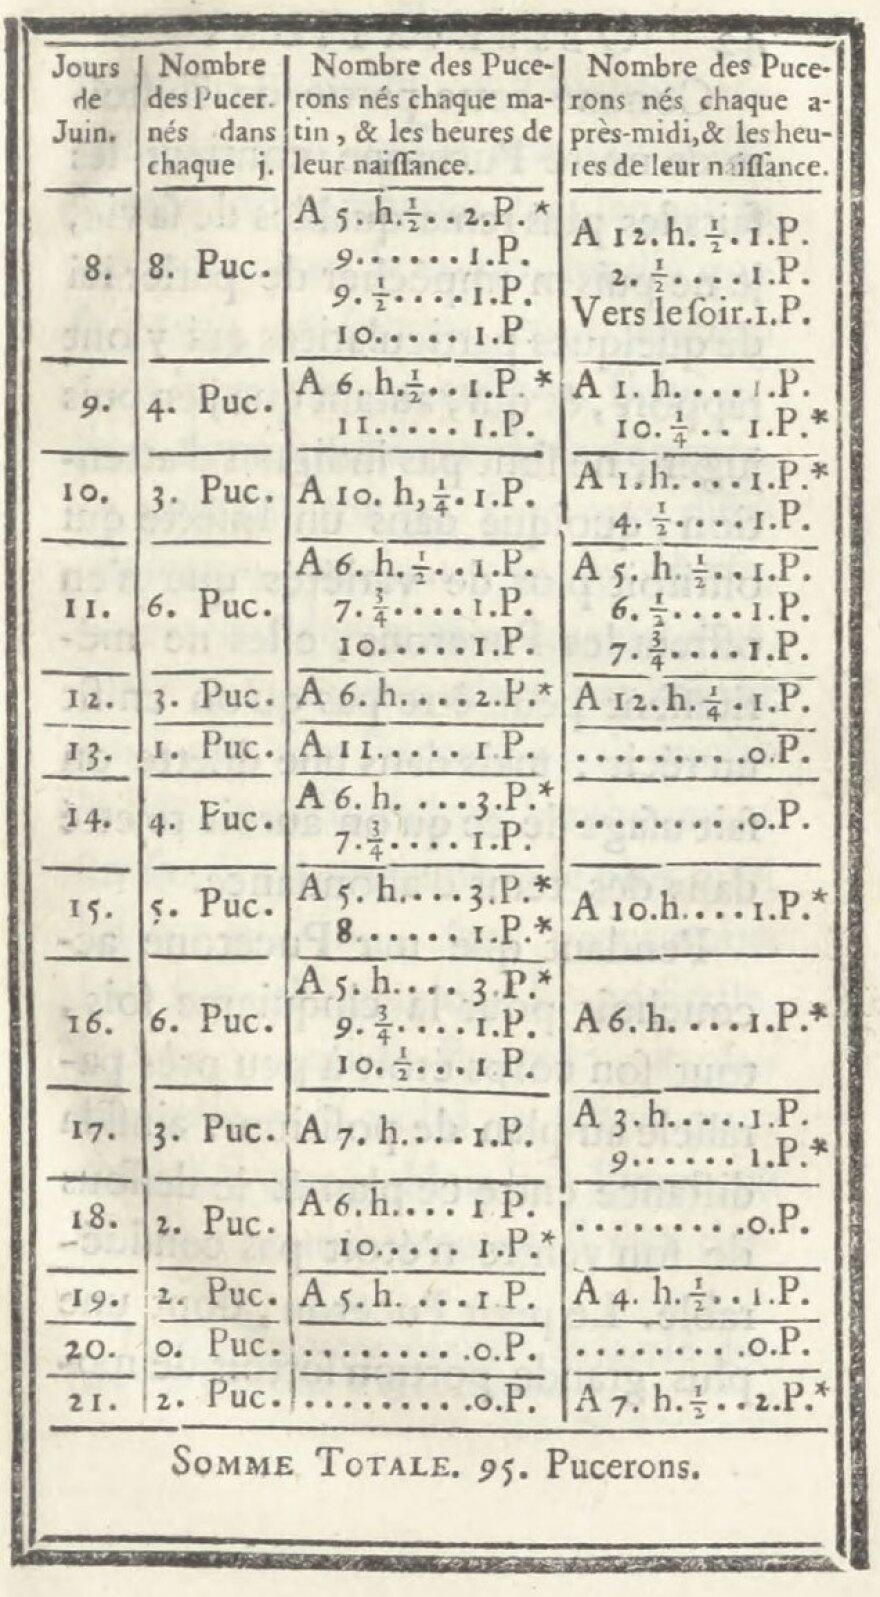 Charles Bonnet's log of newborn aphids, from <em>Traité d'insectologie, ou, Observations sur les pucerons, Volume 2</em>